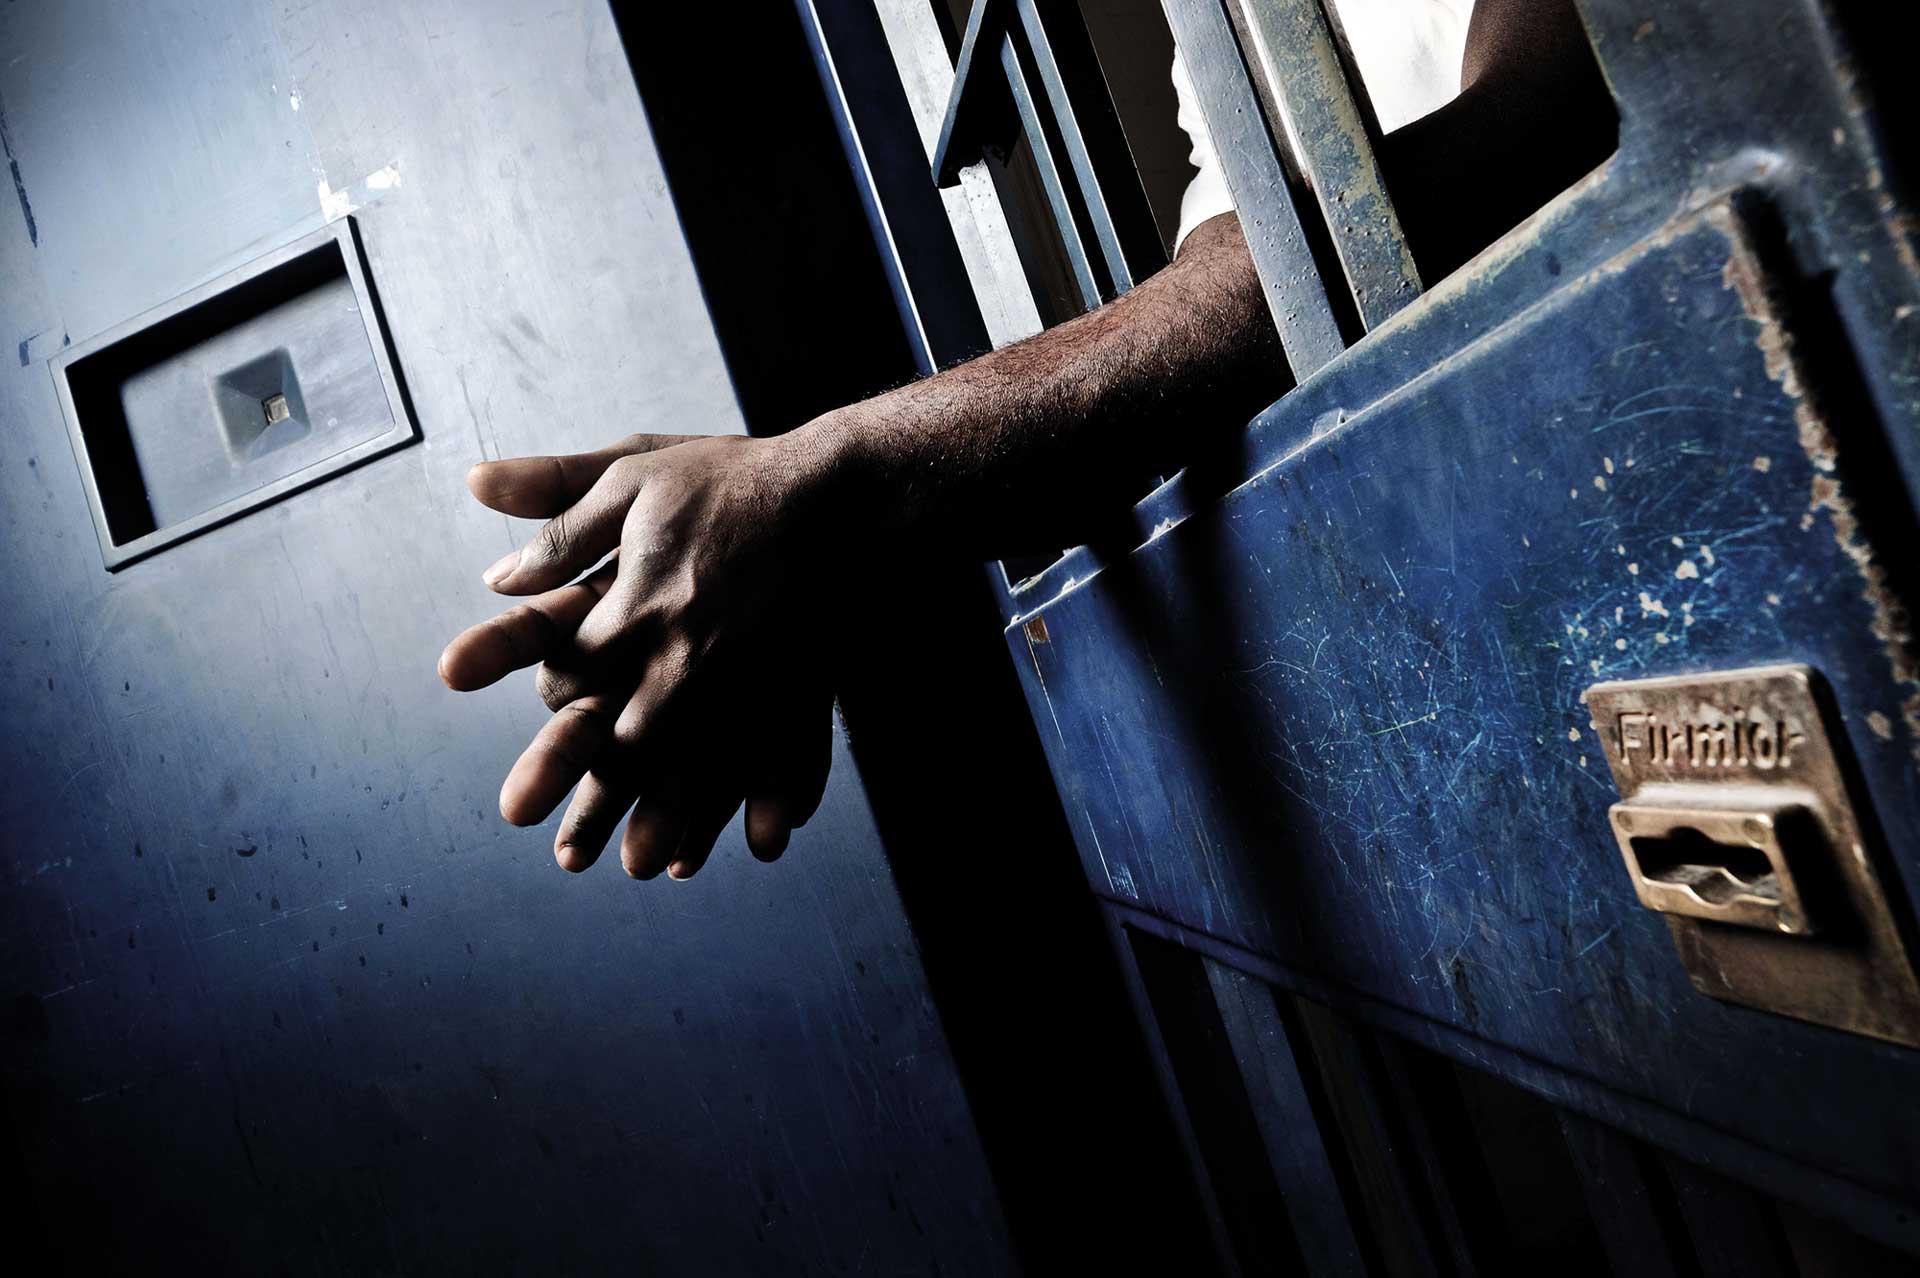 informareonline-il-diritto-alla-salute-nelle-carceri